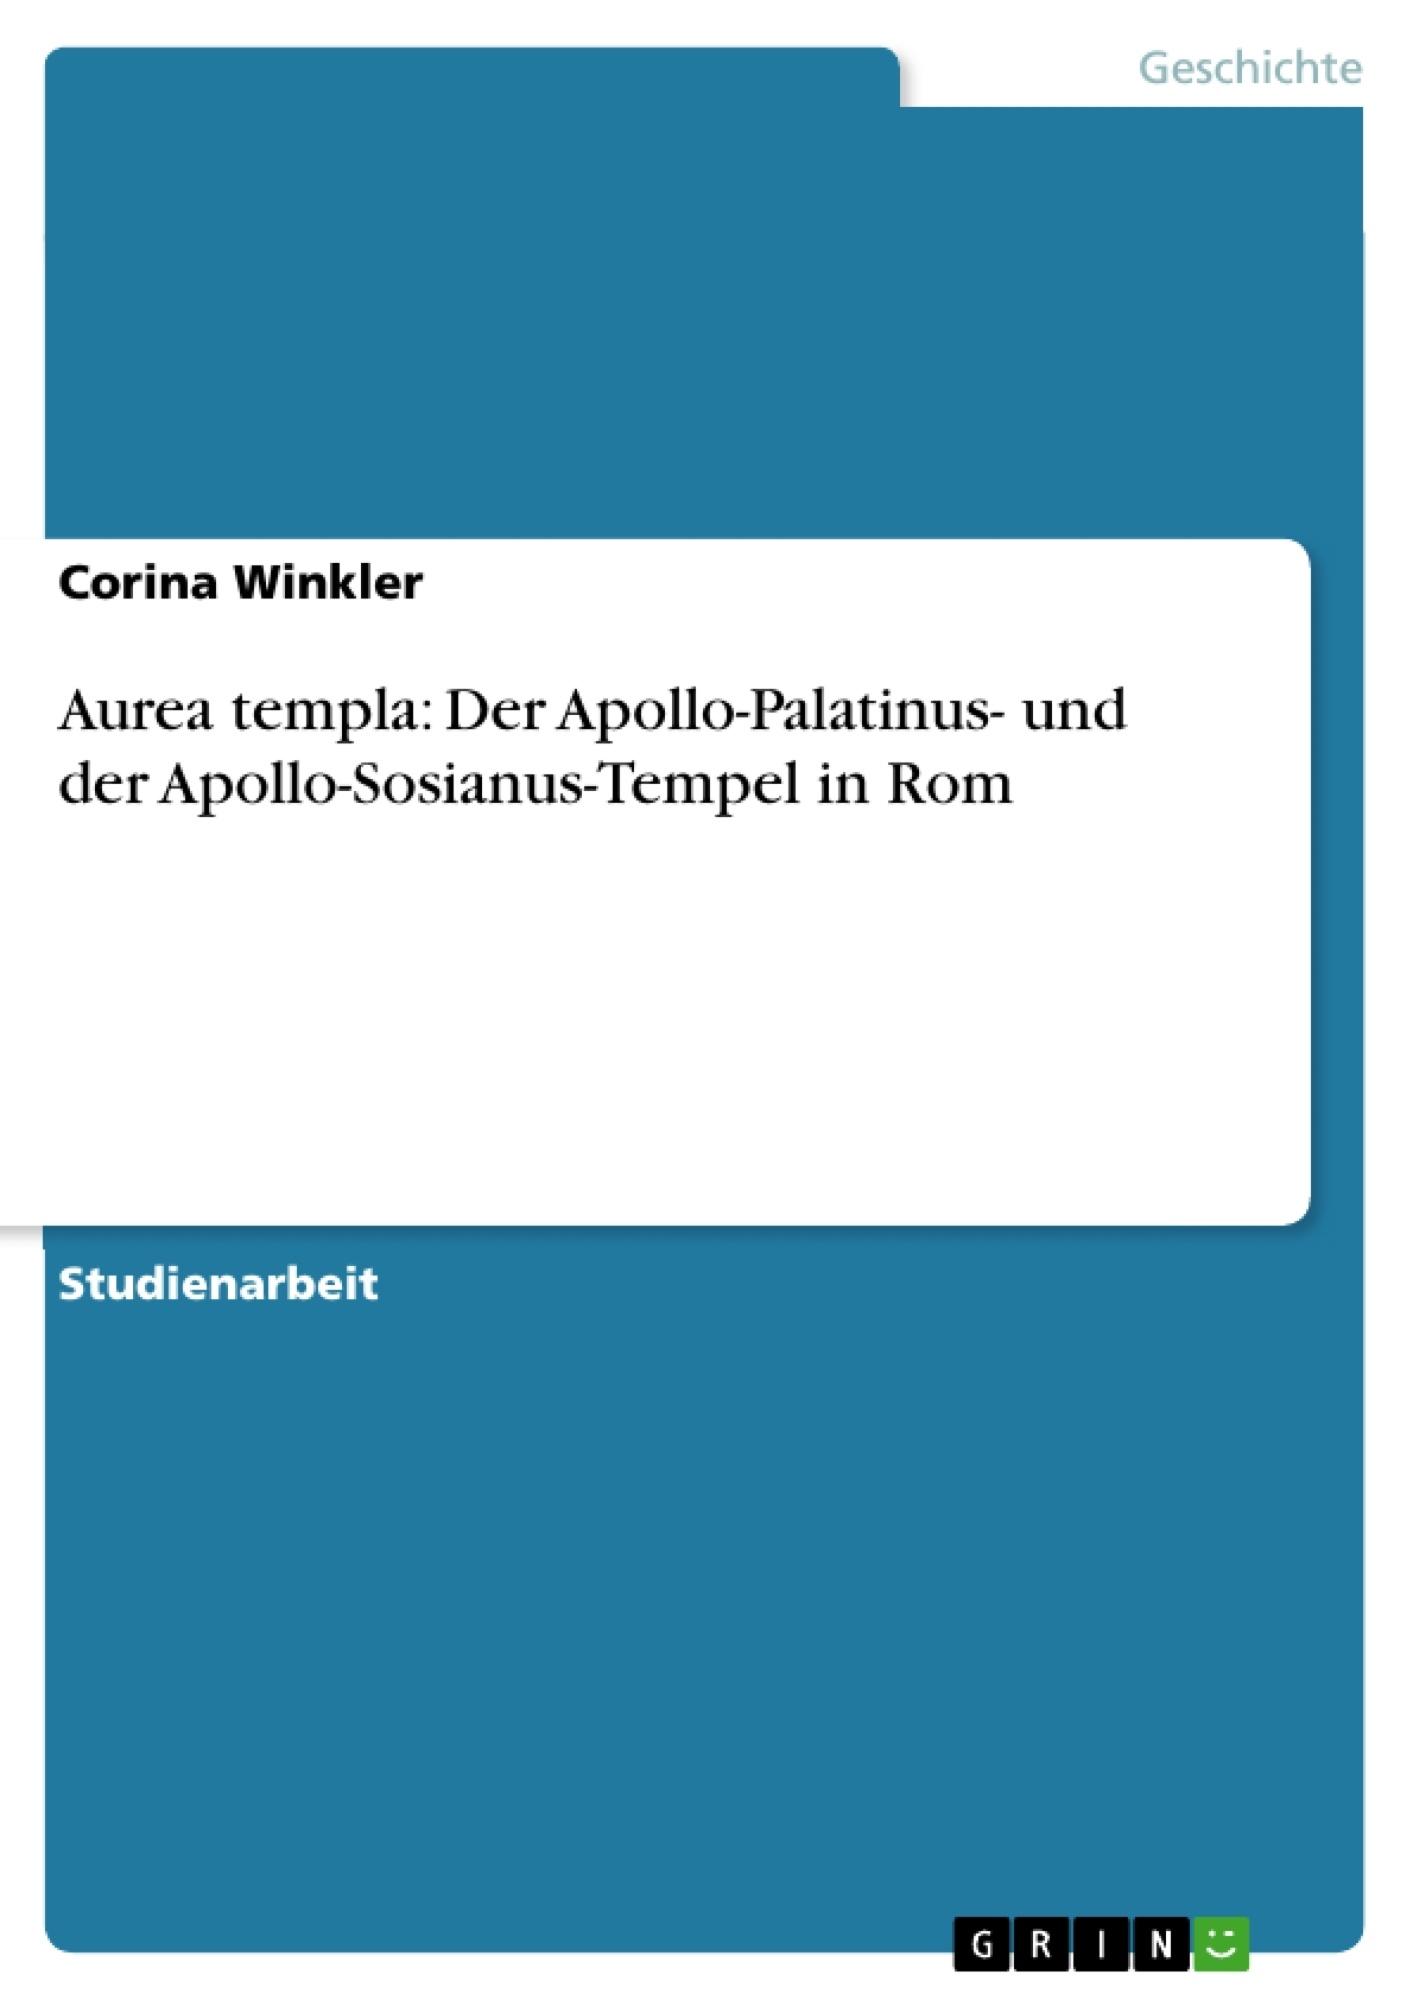 Titel: Aurea templa: Der Apollo-Palatinus-  und der Apollo-Sosianus-Tempel in Rom